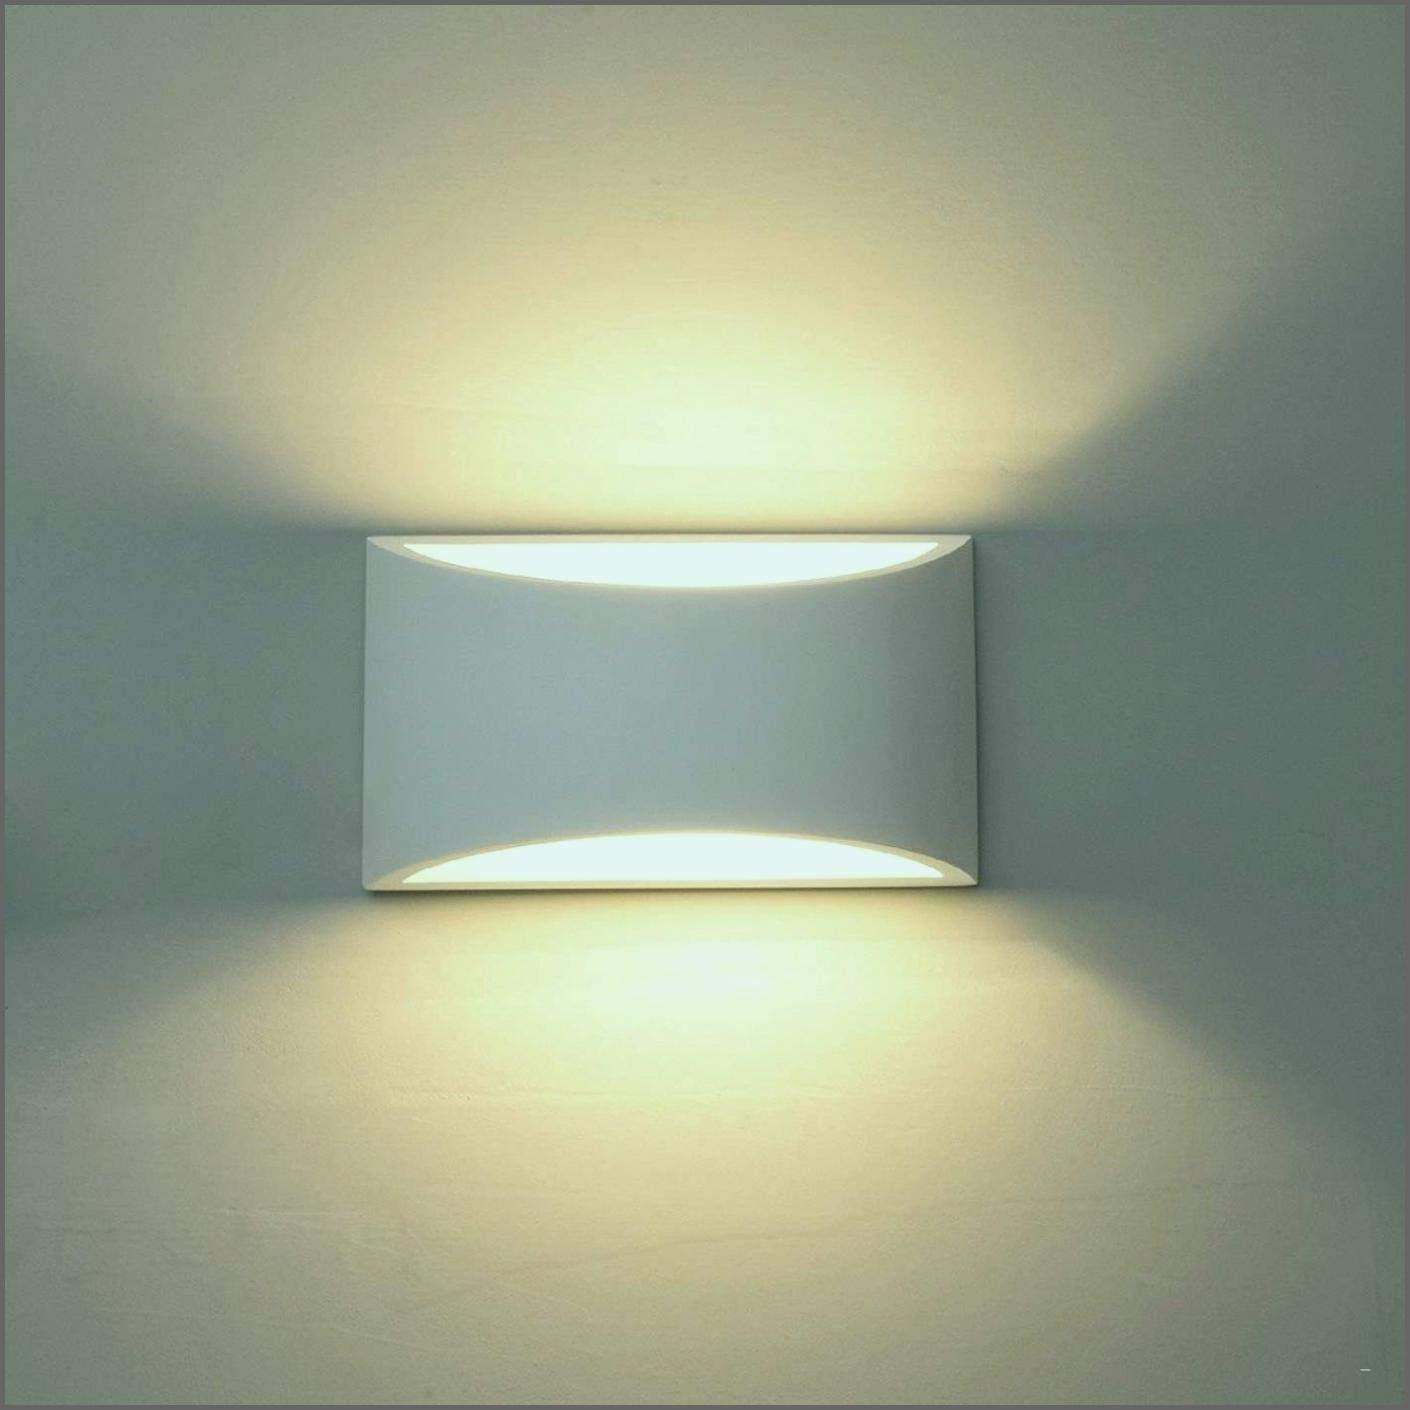 Full Size of Deckenleuchte Wohnzimmer Mit Fernbedienung Deckenlampe Ikea Deckenlampen Led Modern Deckenleuchten Dimmbar Schrank Stehlampen Liege Teppiche Vitrine Weiß Wohnzimmer Wohnzimmer Deckenlampe